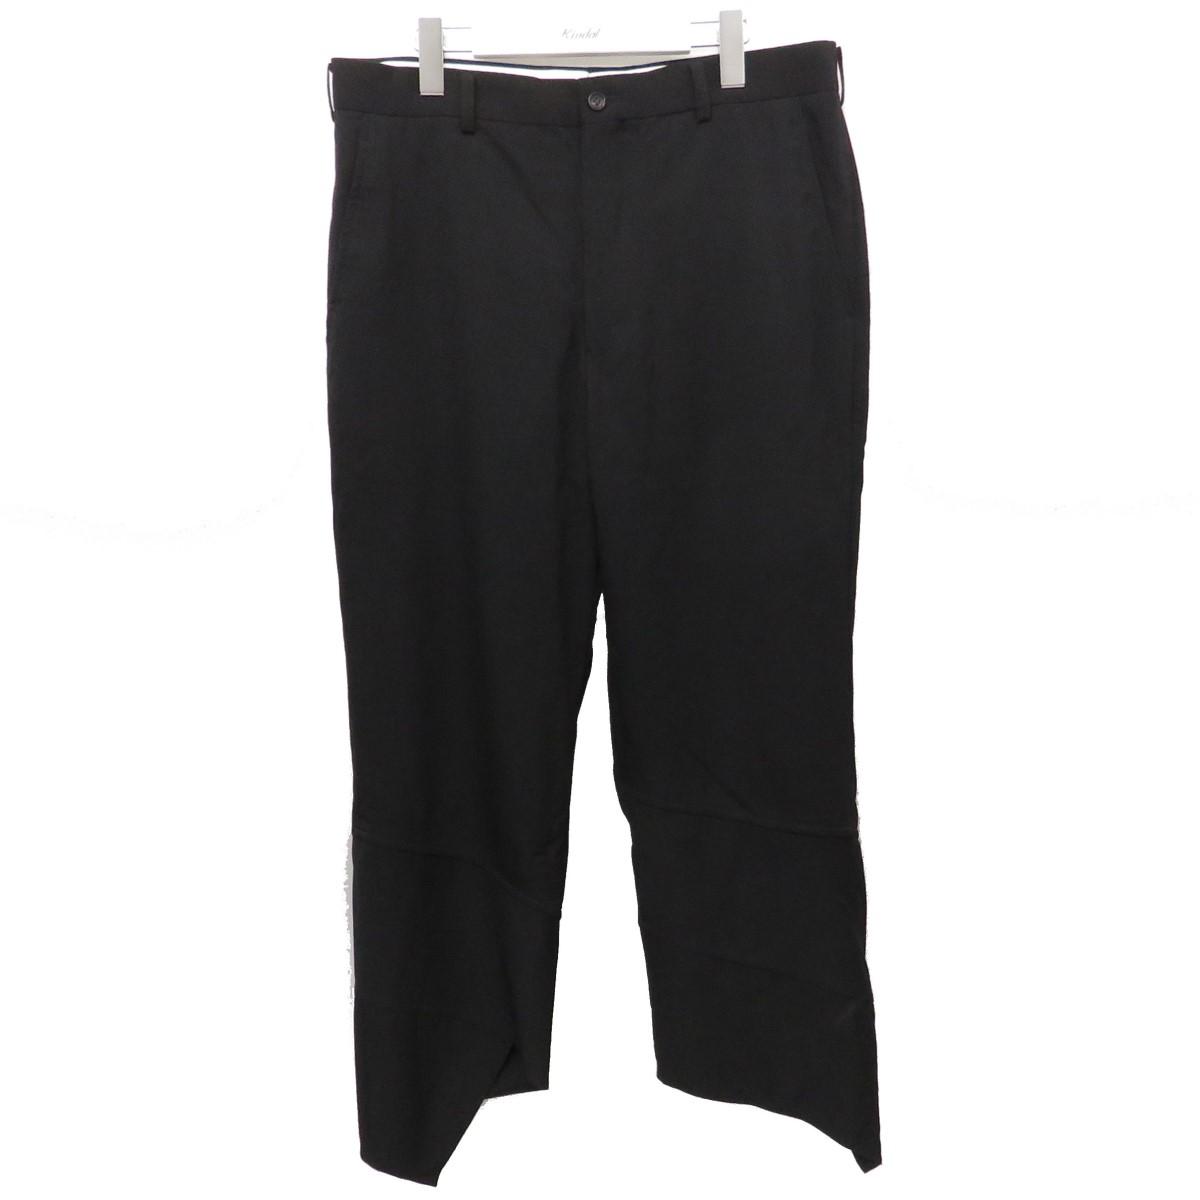 【中古】COMME des GARCONS HOMME PLUS 裾デザインパンツ PC-P086 AD2019 ブラック サイズ:L 【070720】(コムデギャルソンオムプリュス)